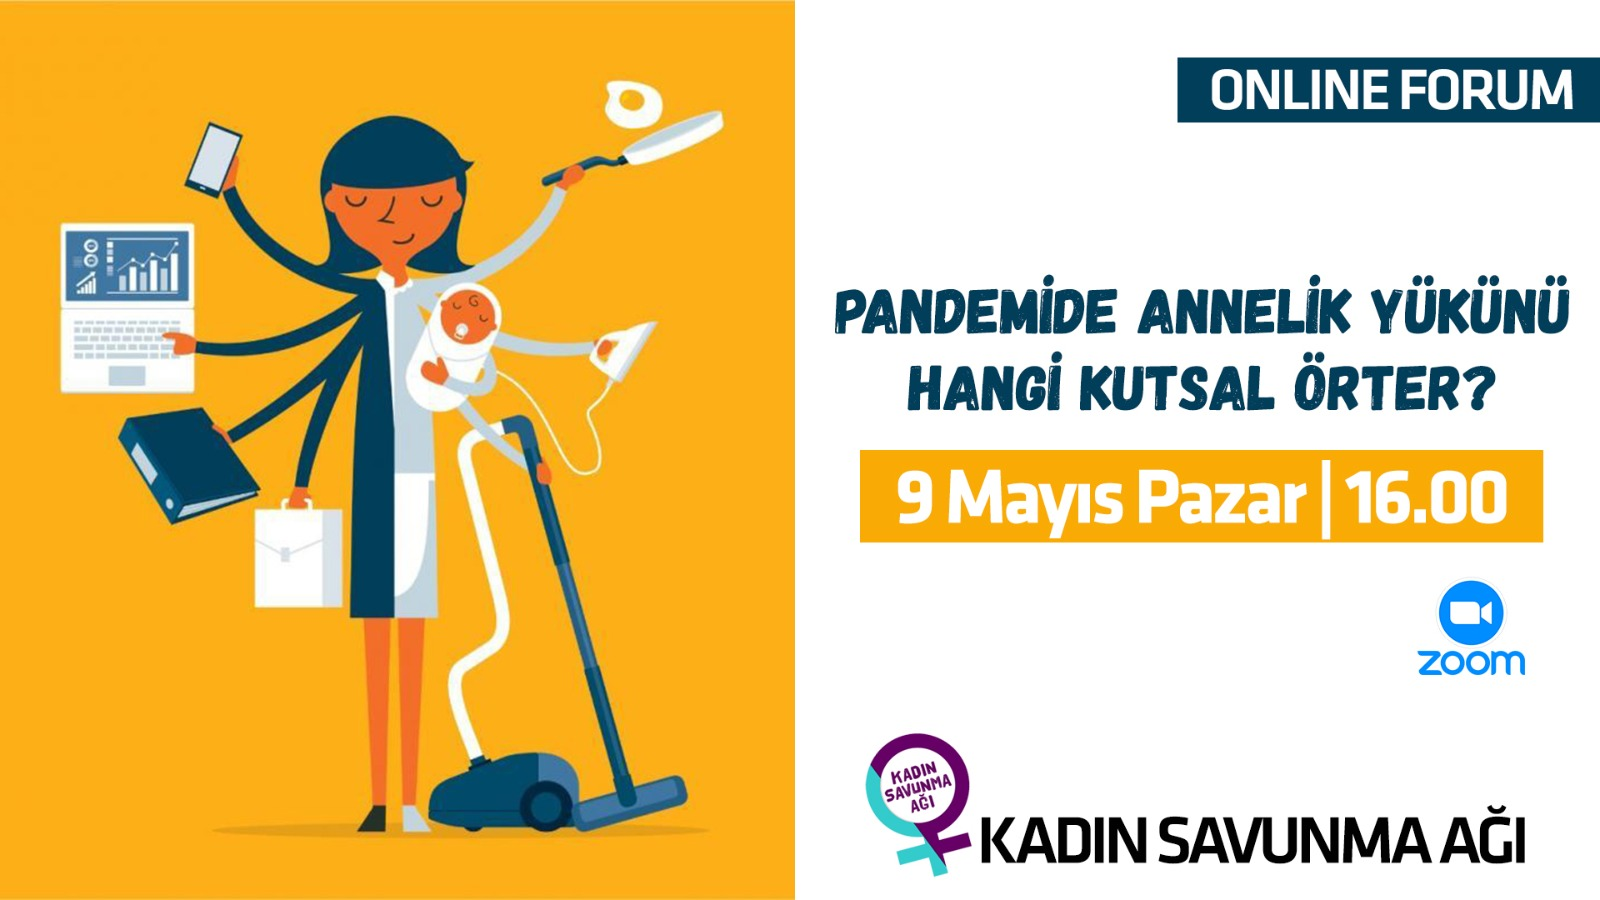 Forumda buluşuyoruz: Pandemide Annelik Yükünü Hangi Kutsal Örter?